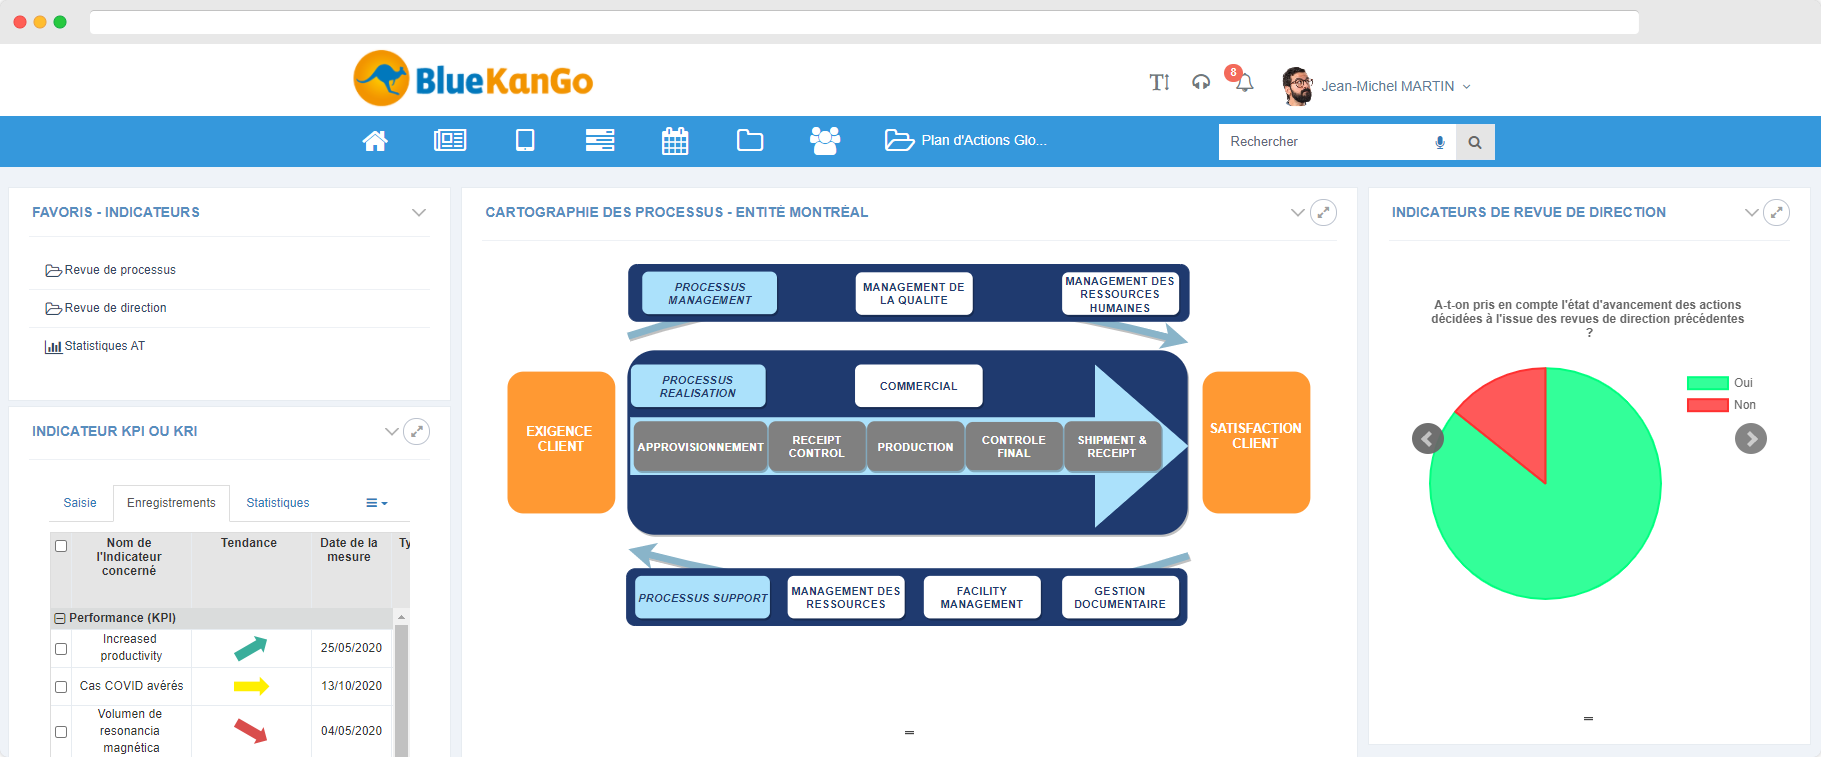 Capture d'écran sur la gestion des indicateurs : cartographie, indicateurs KPI, KRI (plateforme BlueKanGo)